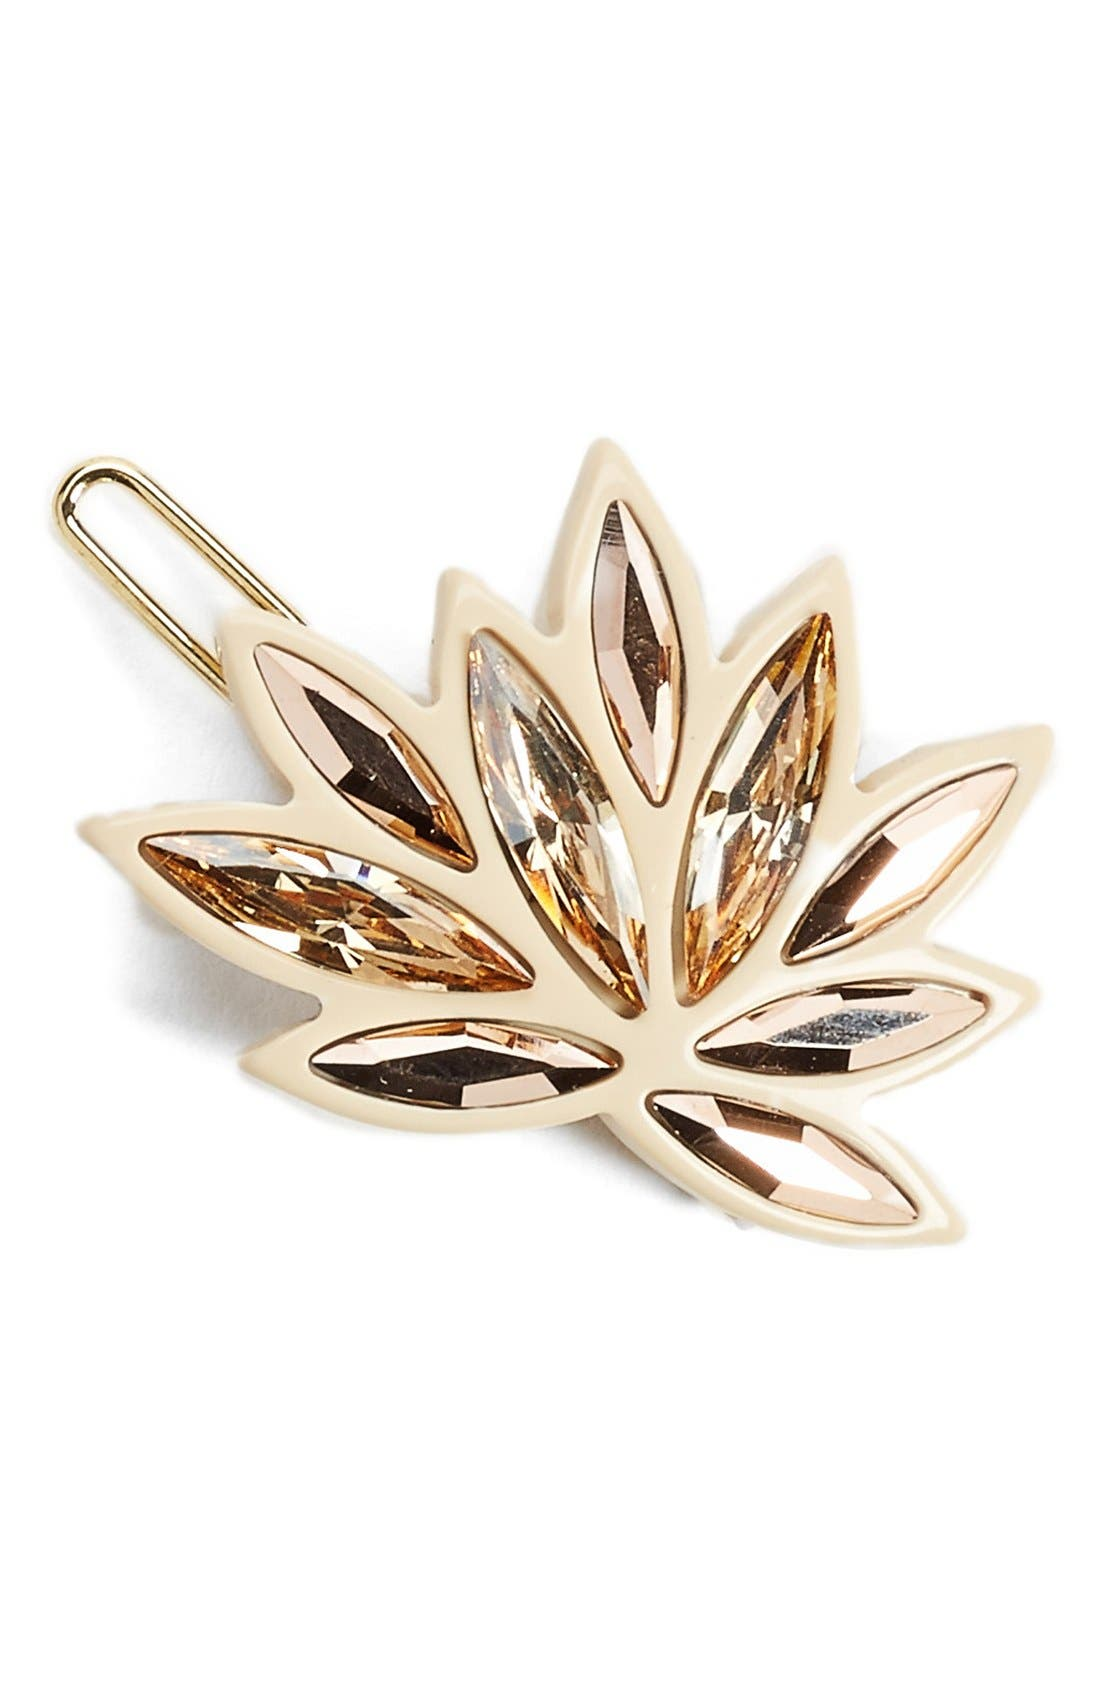 Alexandre de Paris 'Eclat' Small Crystal Barrette